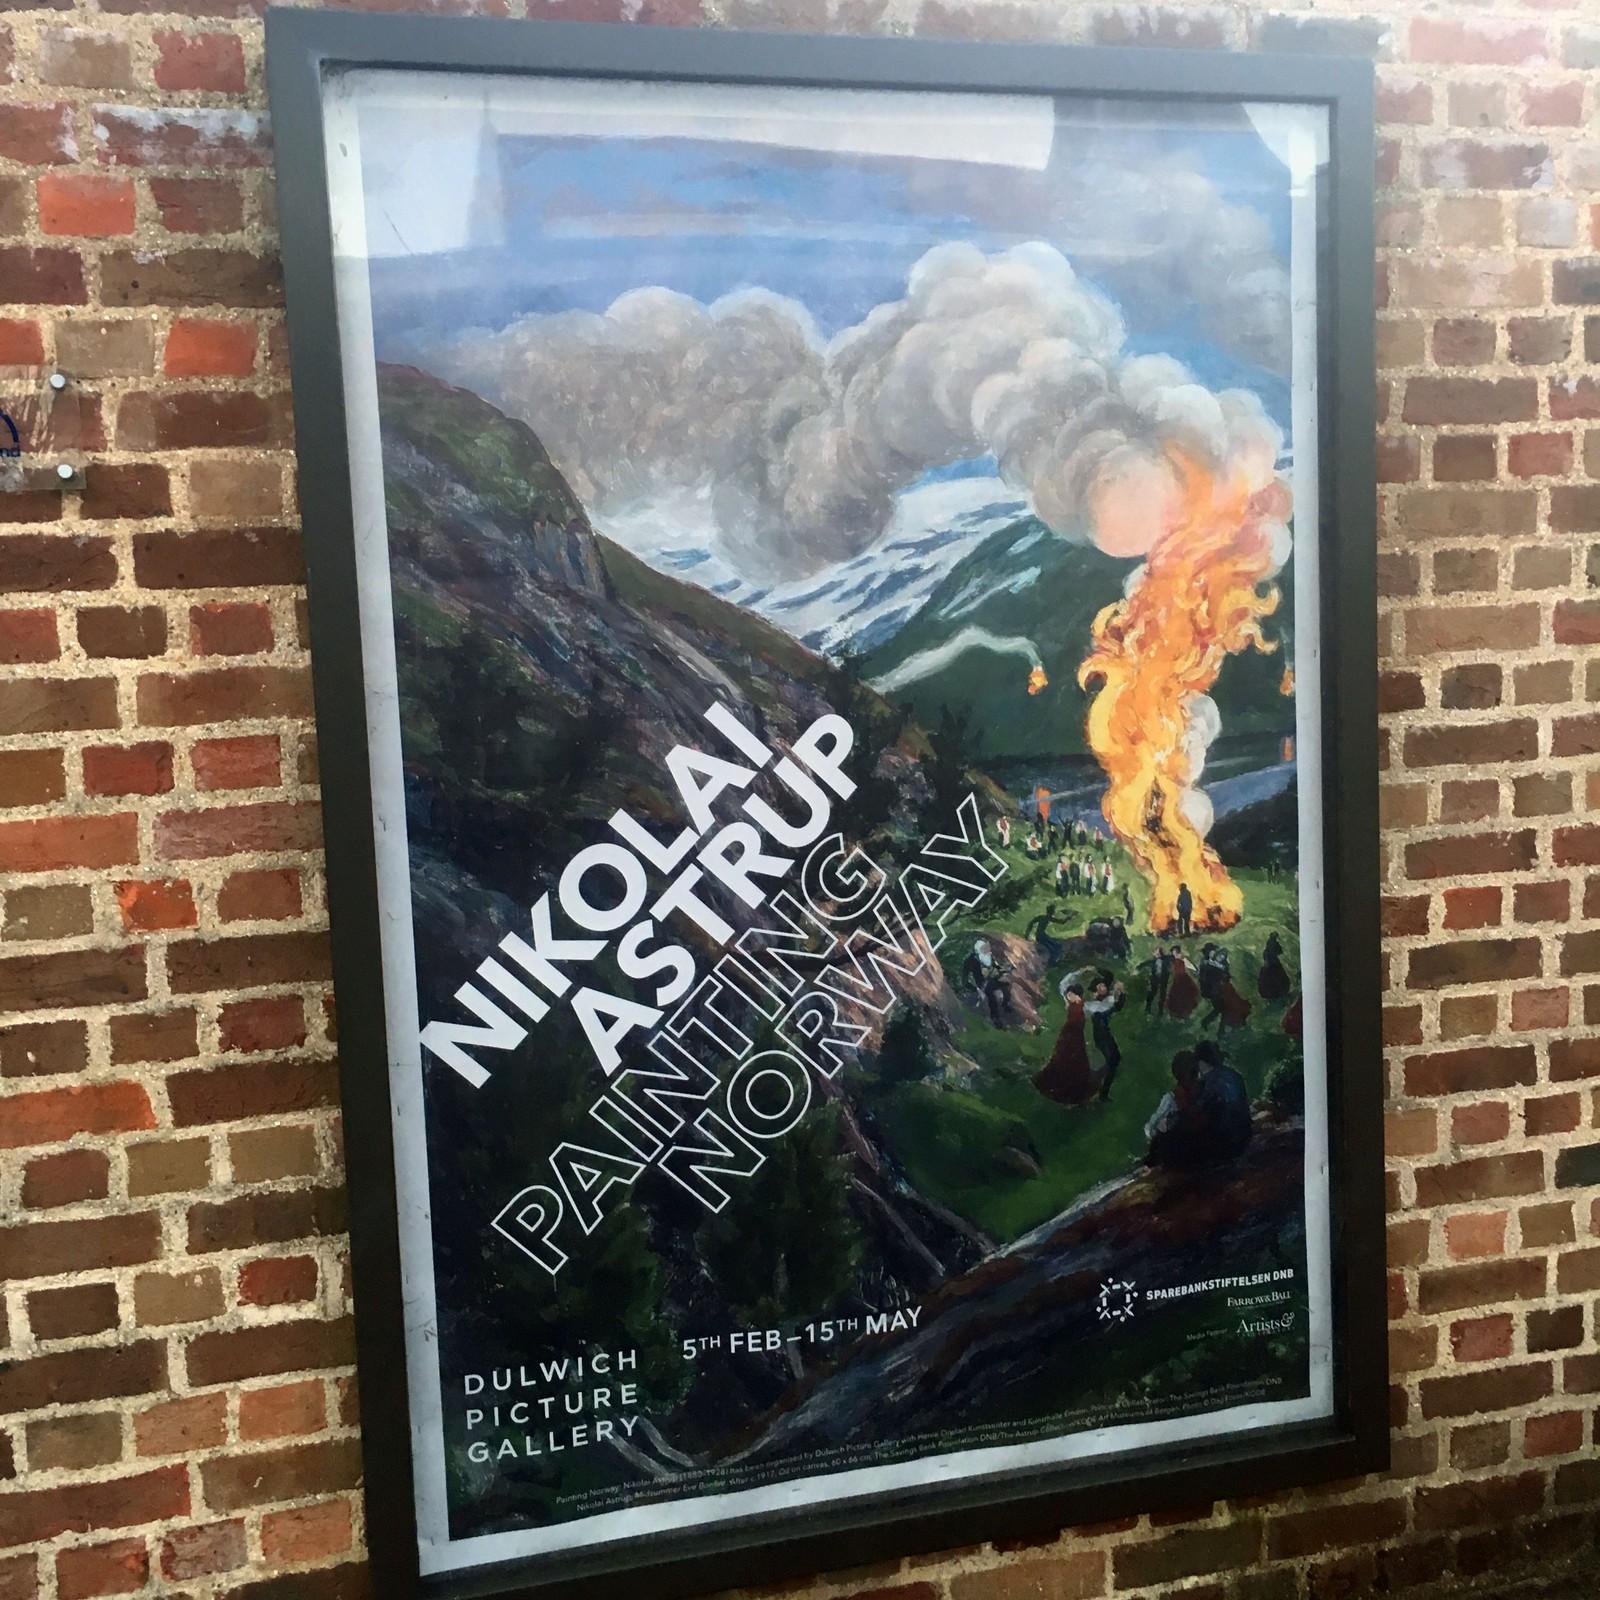 Denne plakaten kan ein sjå på ulike undergrunnstasjonar i London.